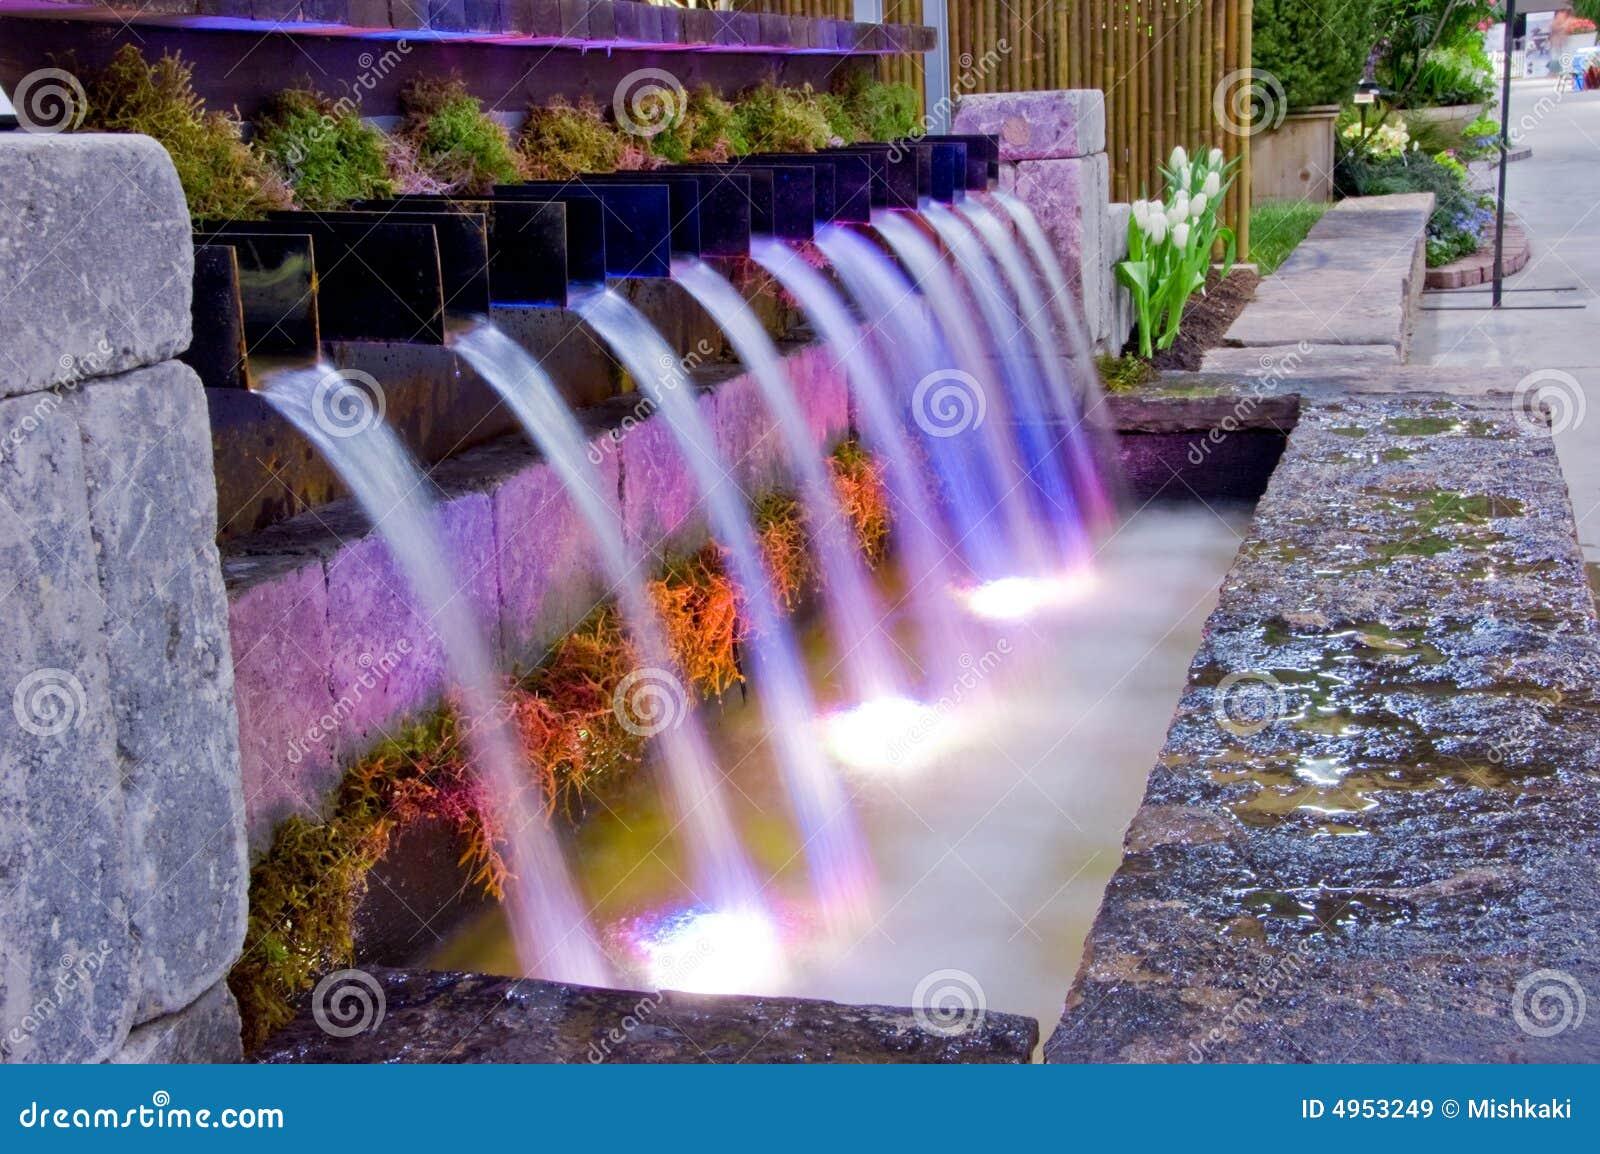 Waterval In Tuin : De waterval van de tuin stock afbeelding. afbeelding bestaande uit